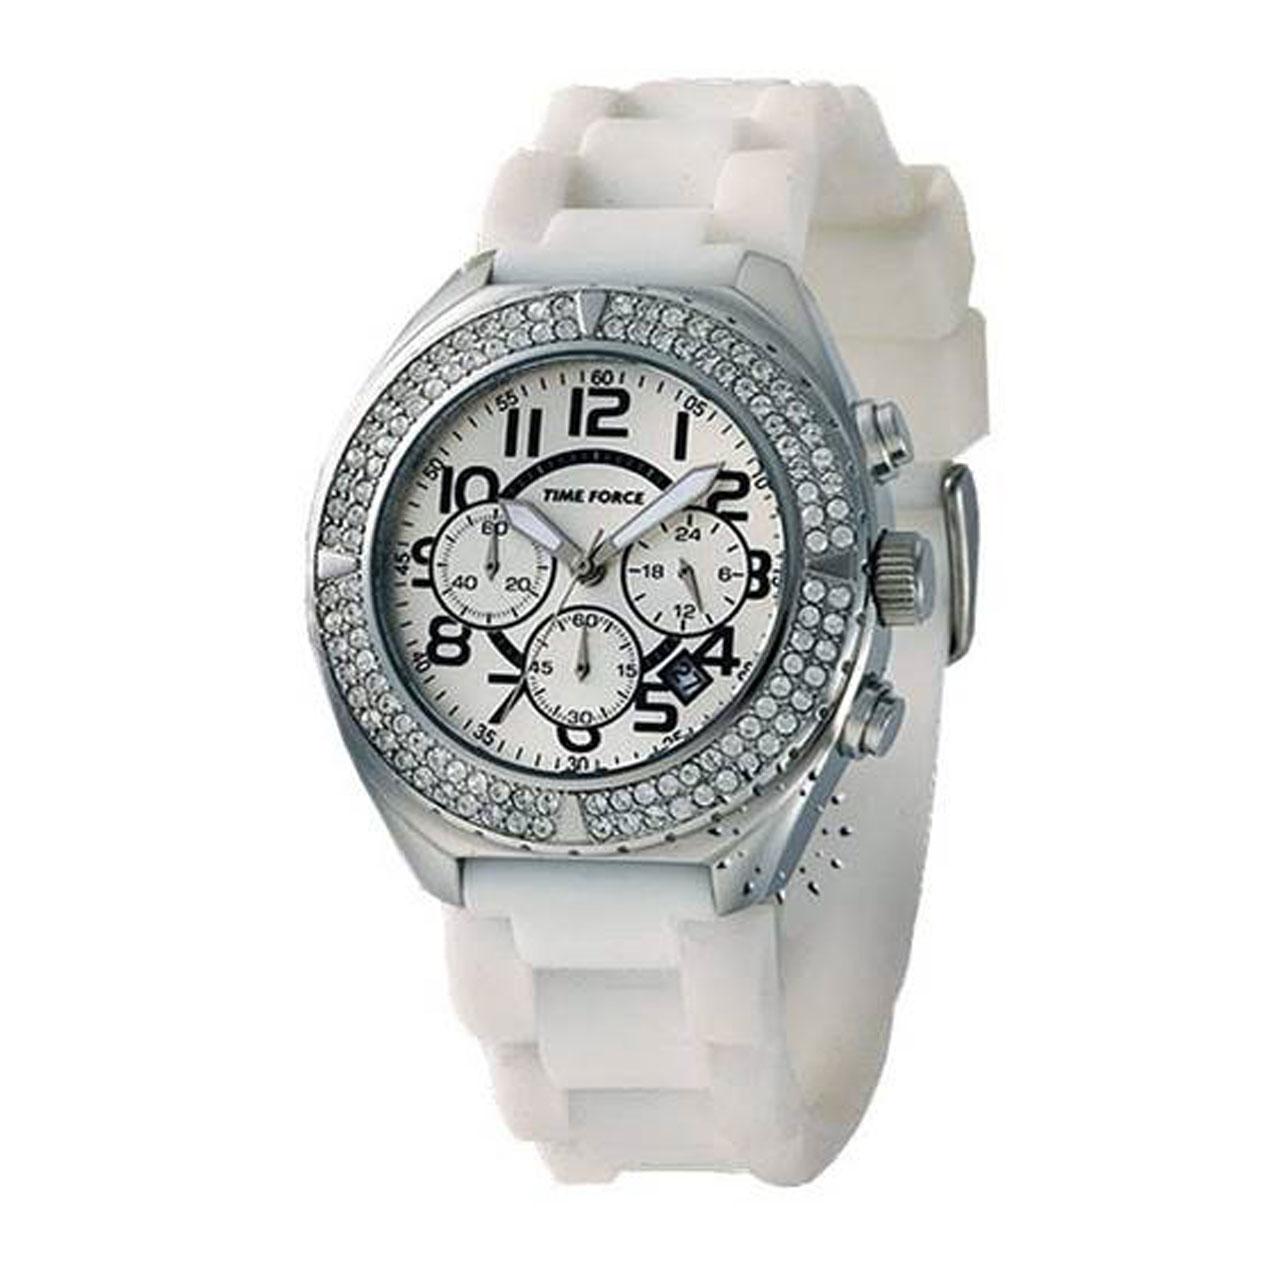 ساعت مچی عقربه ای زنانه تایم فورس مدل TF3033L02